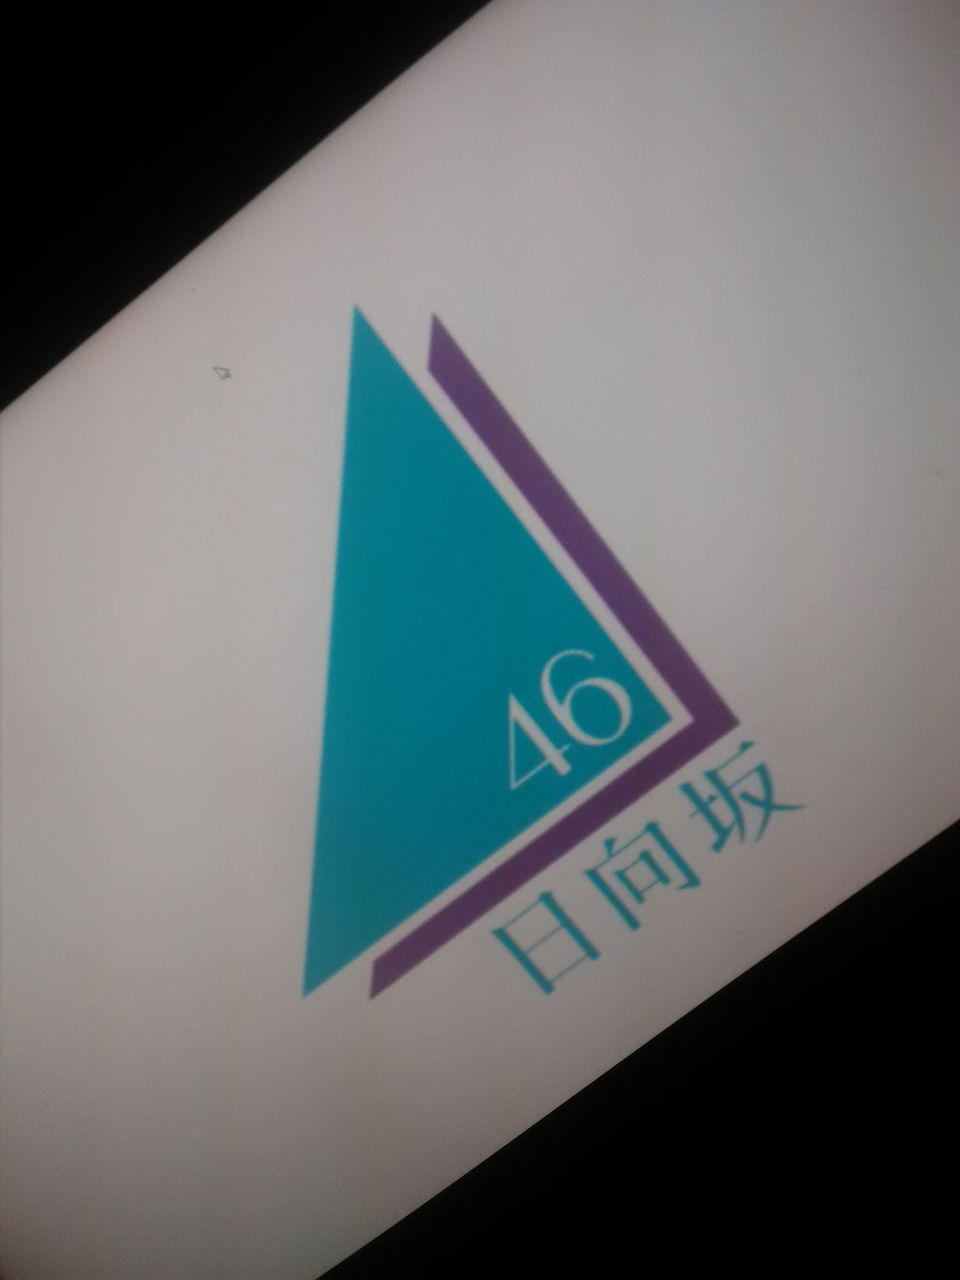 【欅坂46】ひらがなけやきが独立!日向坂(ひなたざか)46、誕生へ【革命】